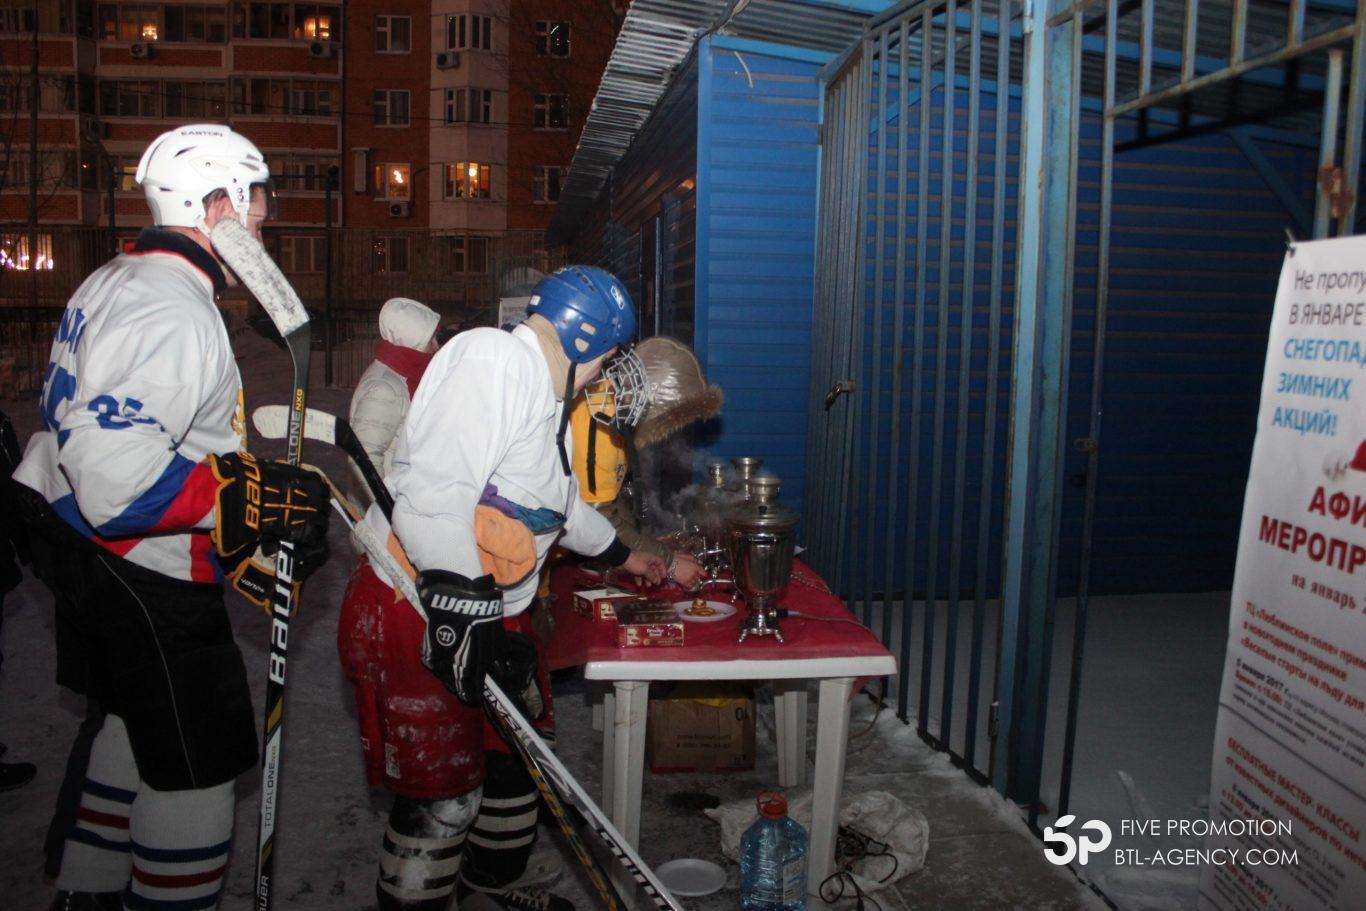 промо акция, промоутер, чай, хоккей